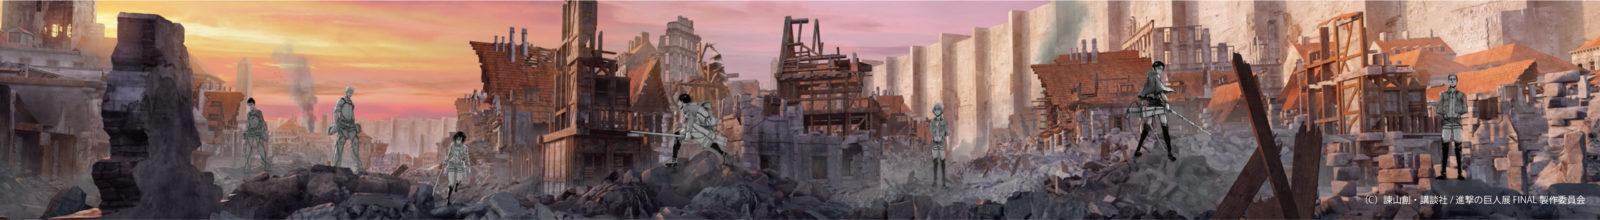 進撃の巨人展FINAL『オープニングシアター / 巨大ジオラマシアター』